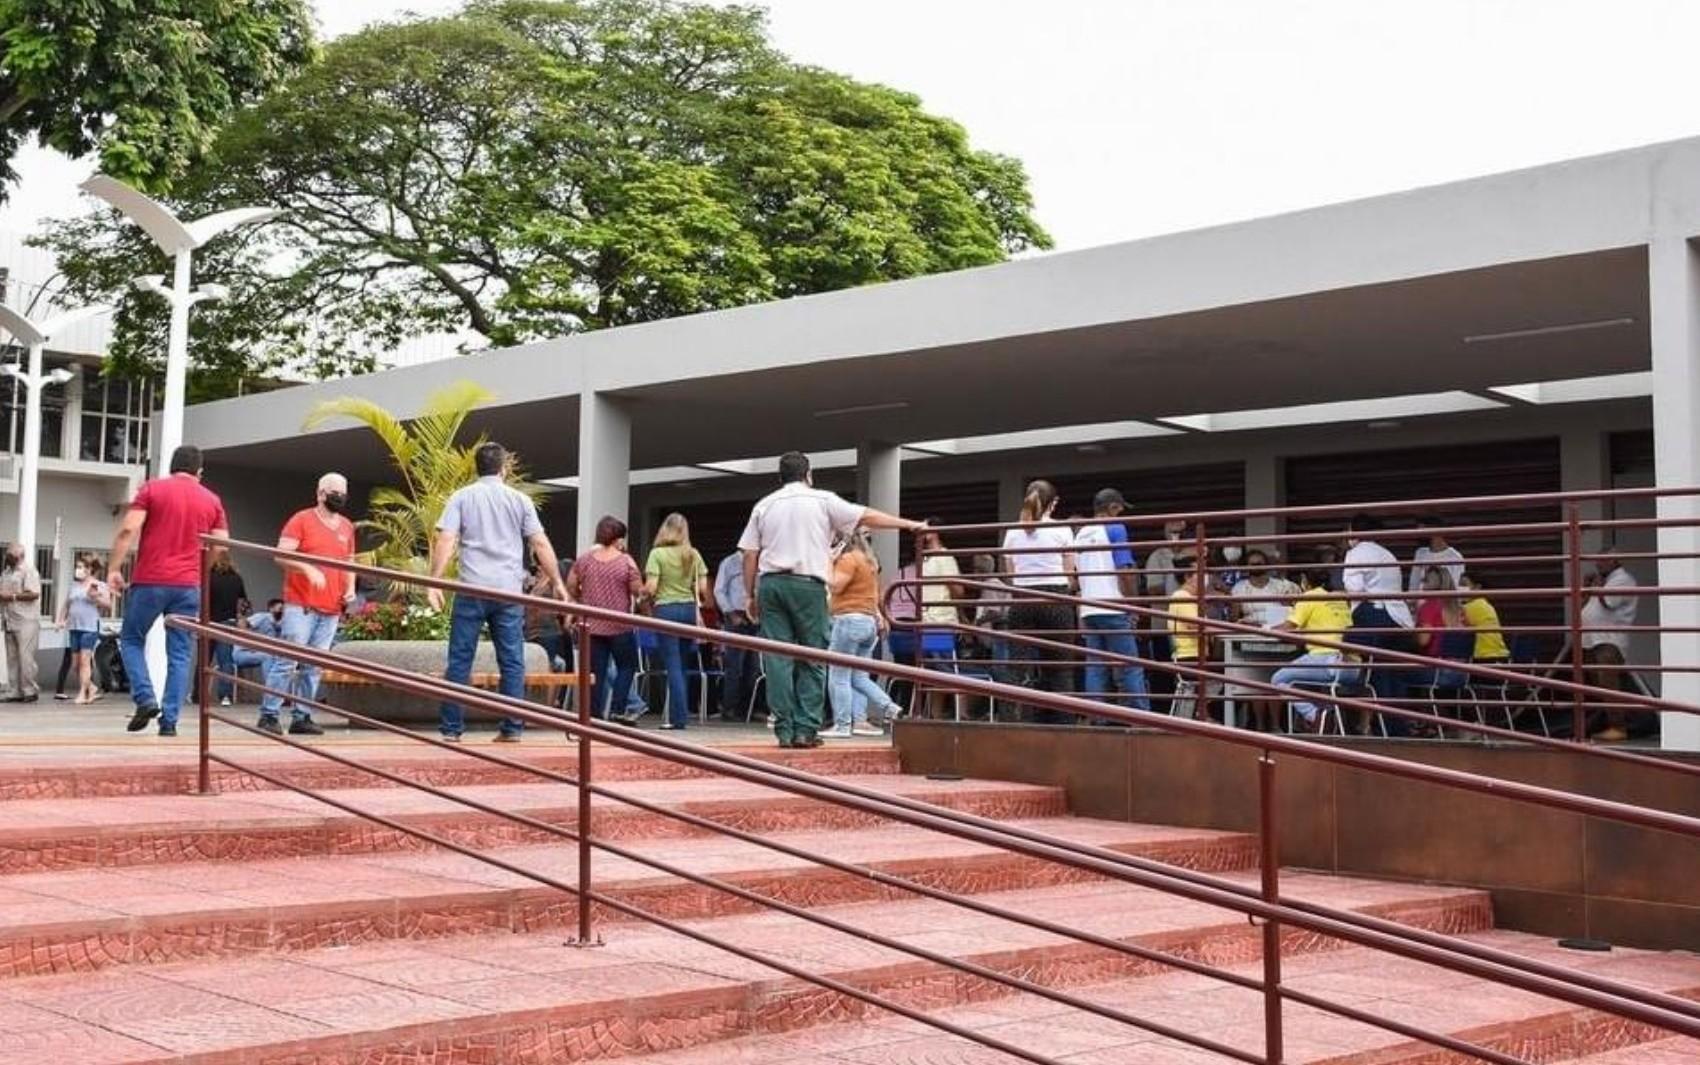 Ao menos duas cidades vacinam pessoas fora dos grupos prioritários a receber doses da CoronaVac em Goiás, diz conselho